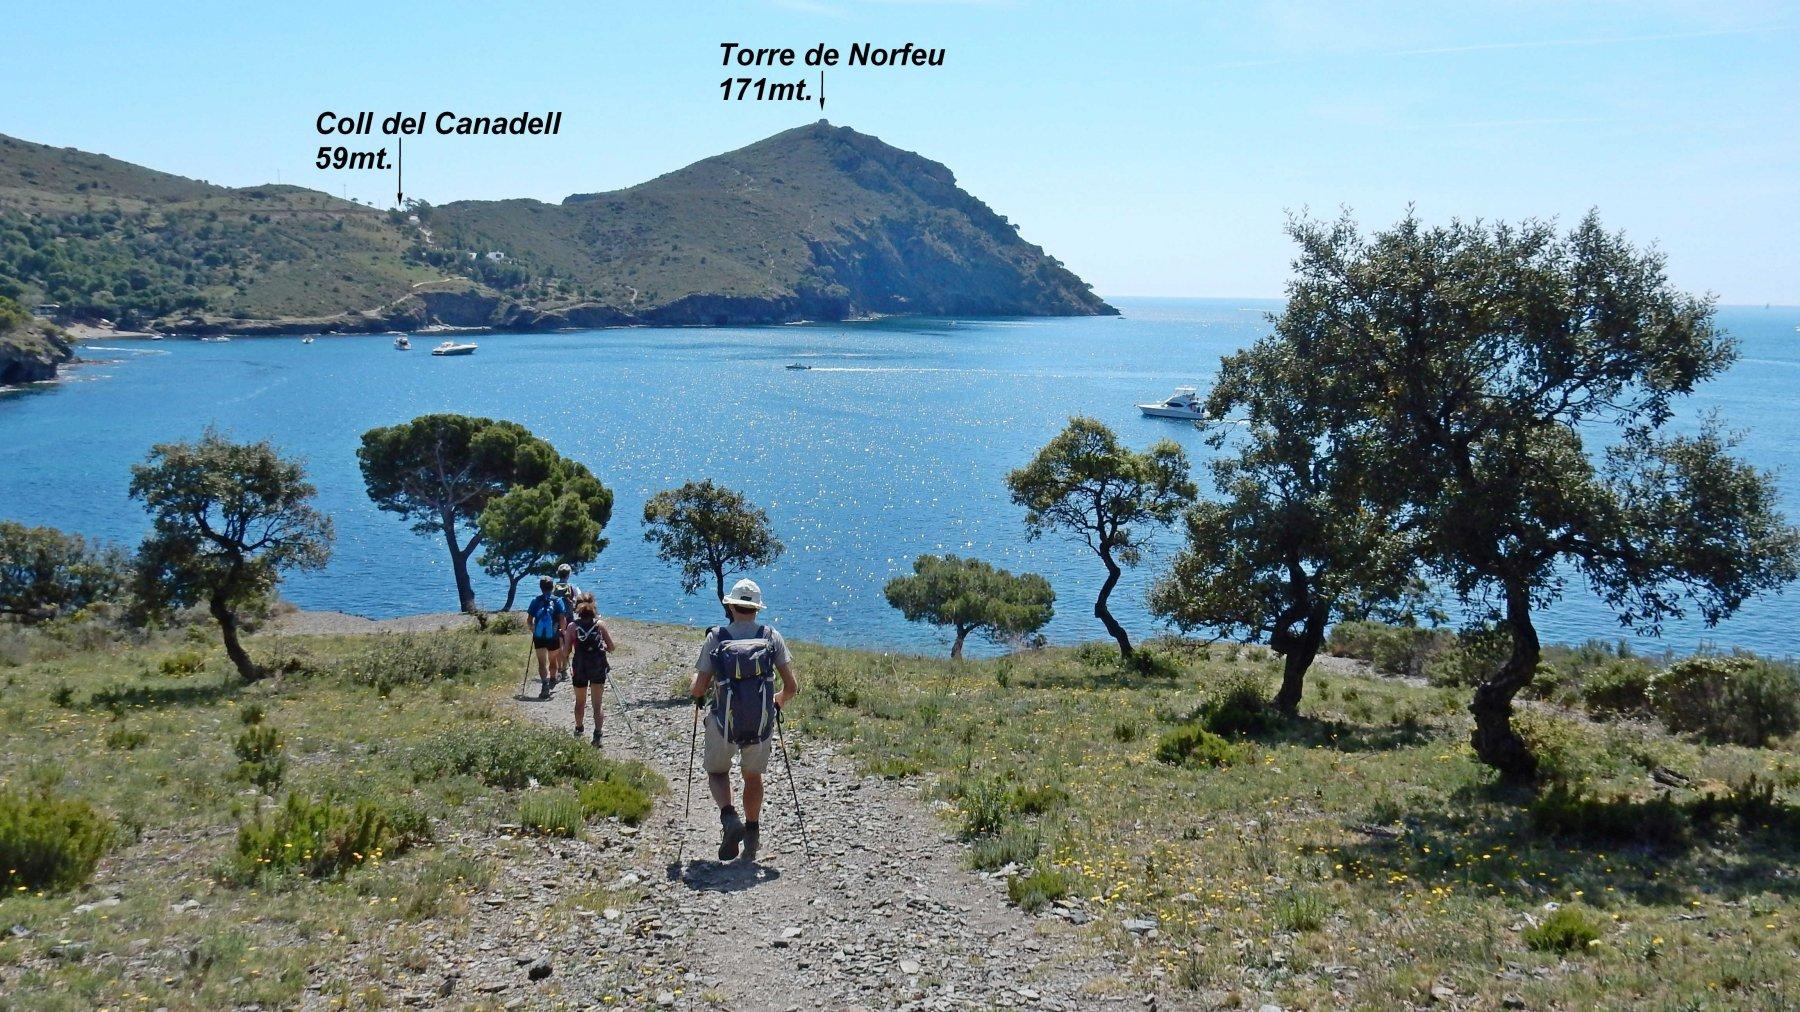 Verso Cap de Norfeu.